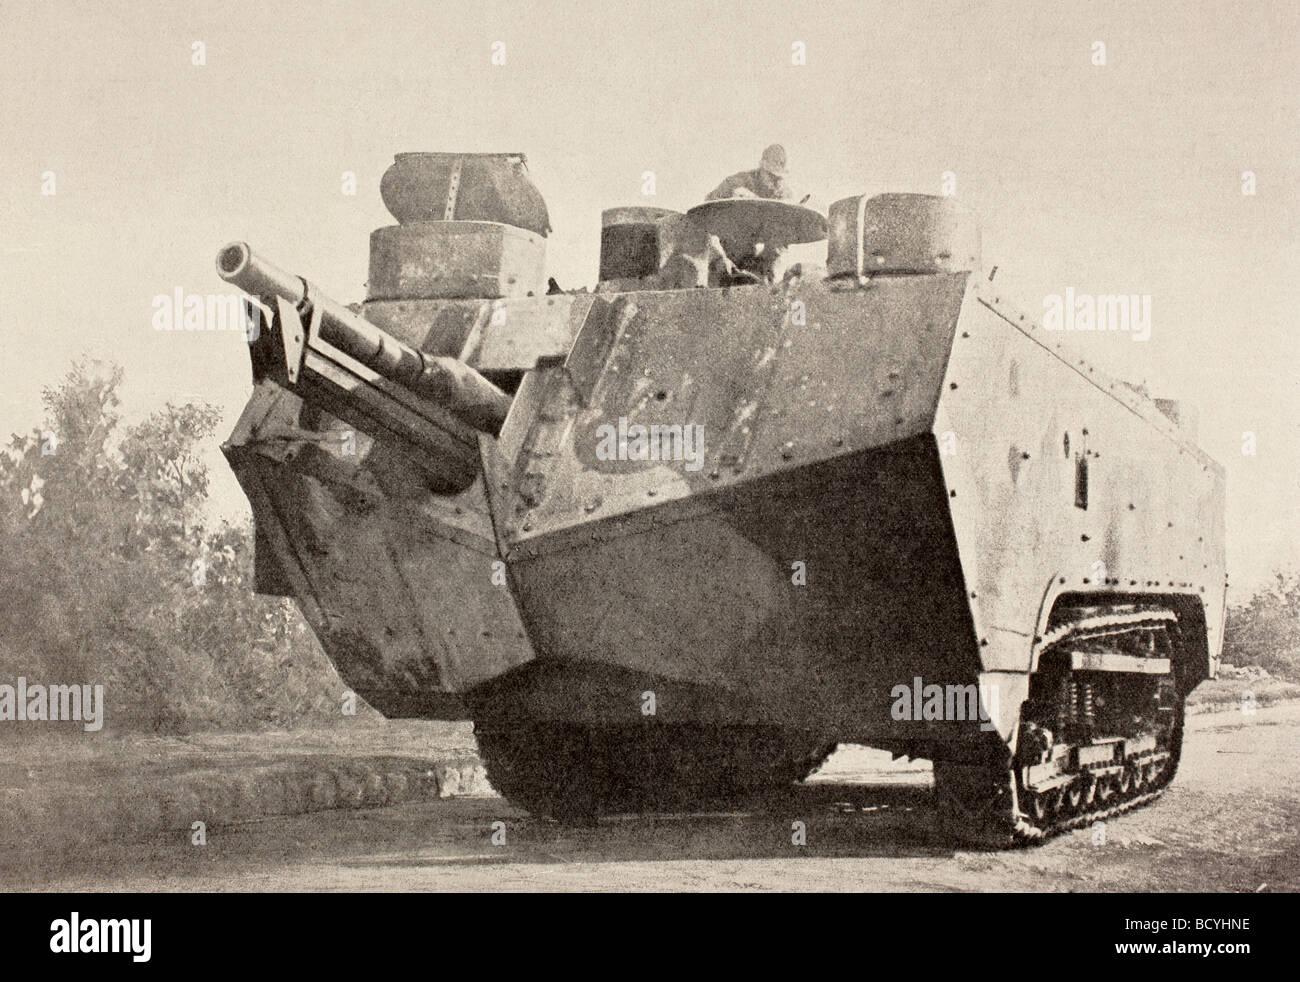 Prima Guerra Mondiale assalto francese serbatoio armati con fuoco rapido cannon. Immagini Stock